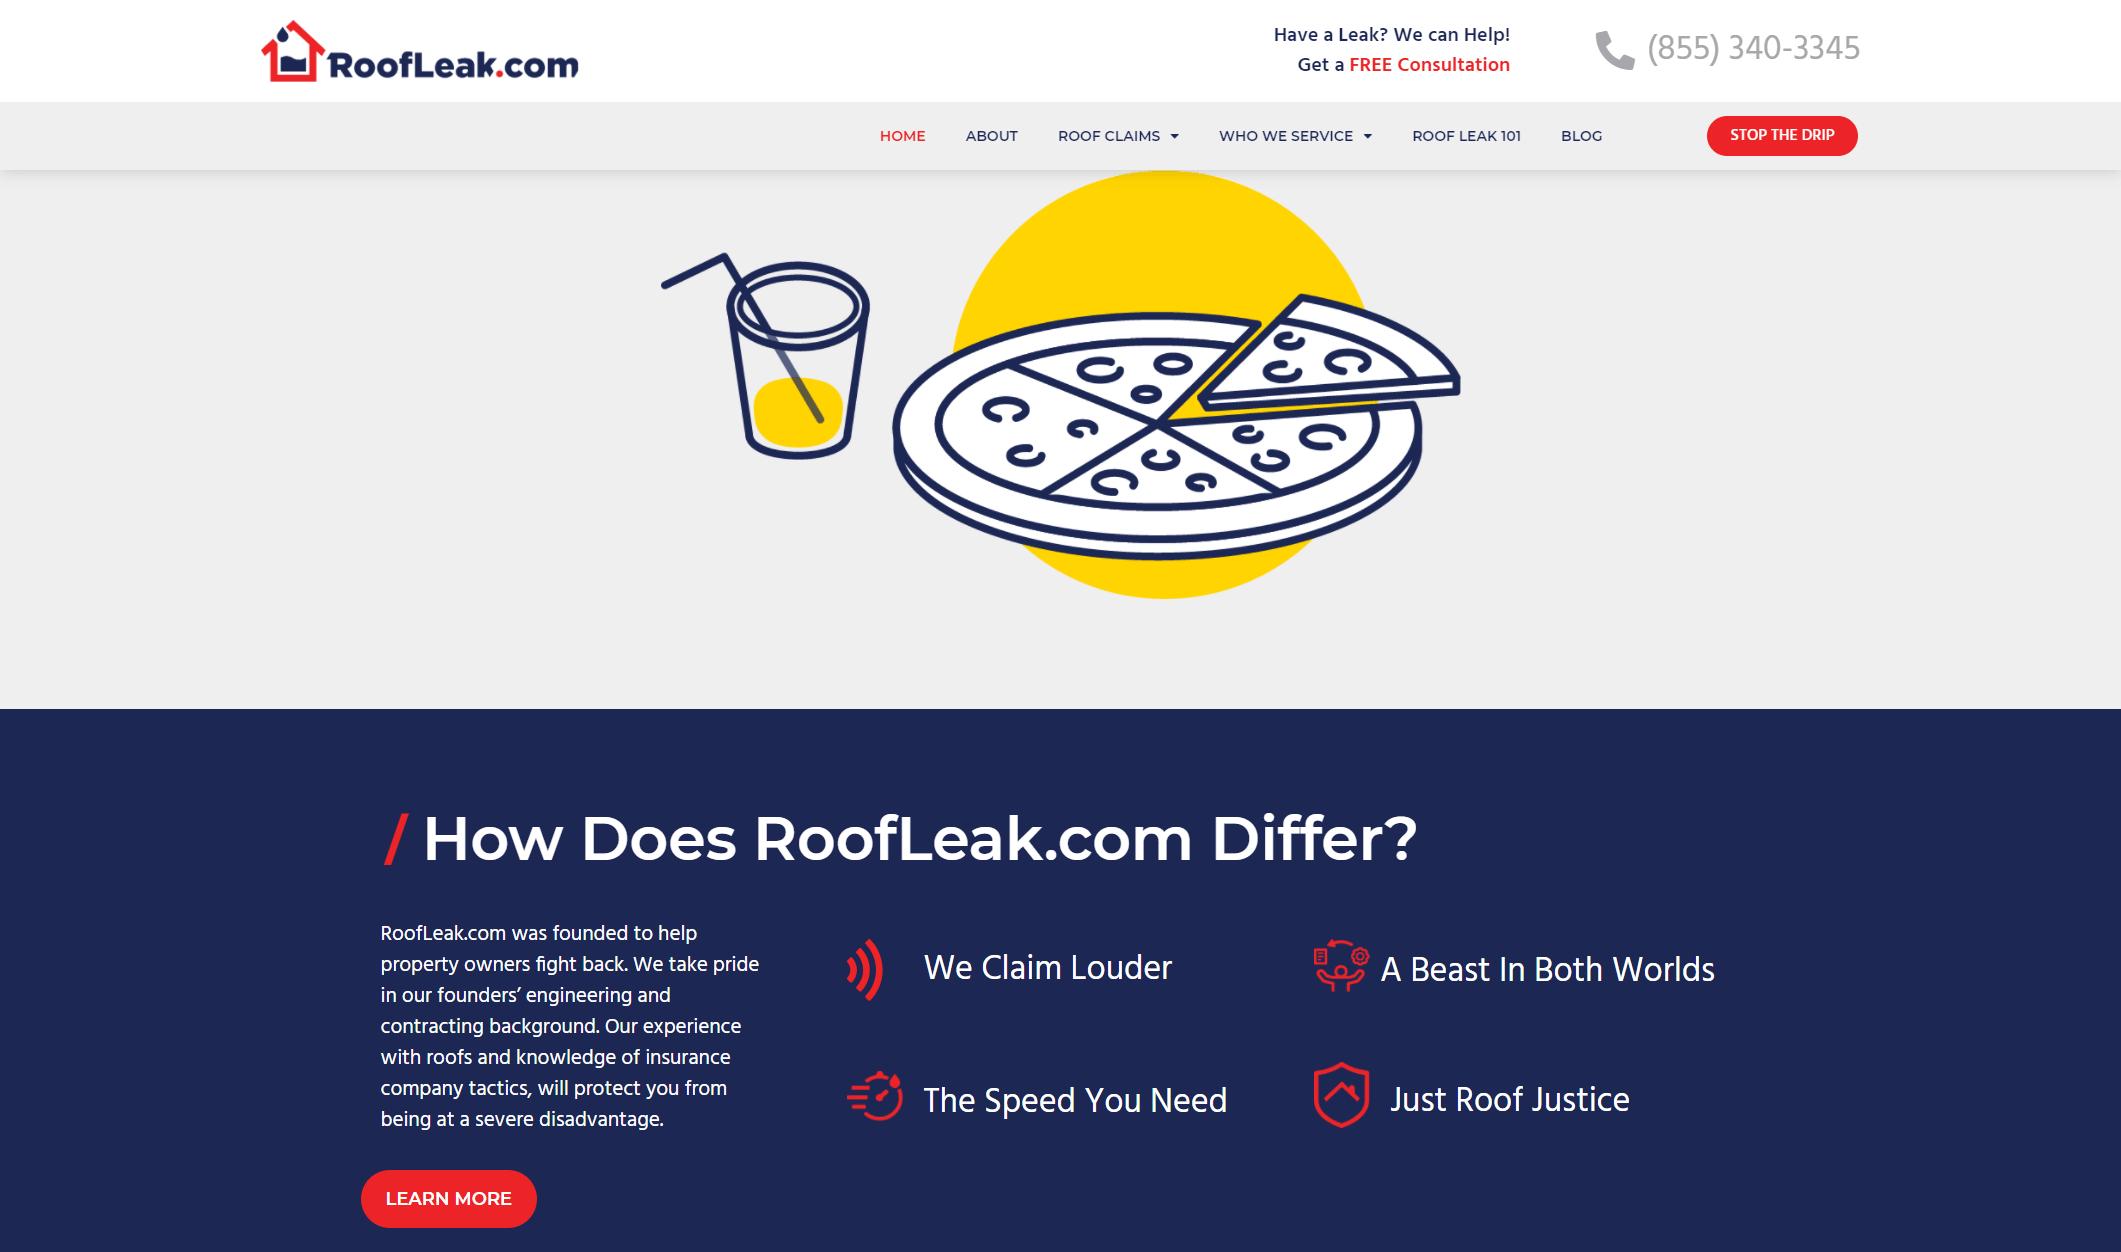 www.roofleak.com-3